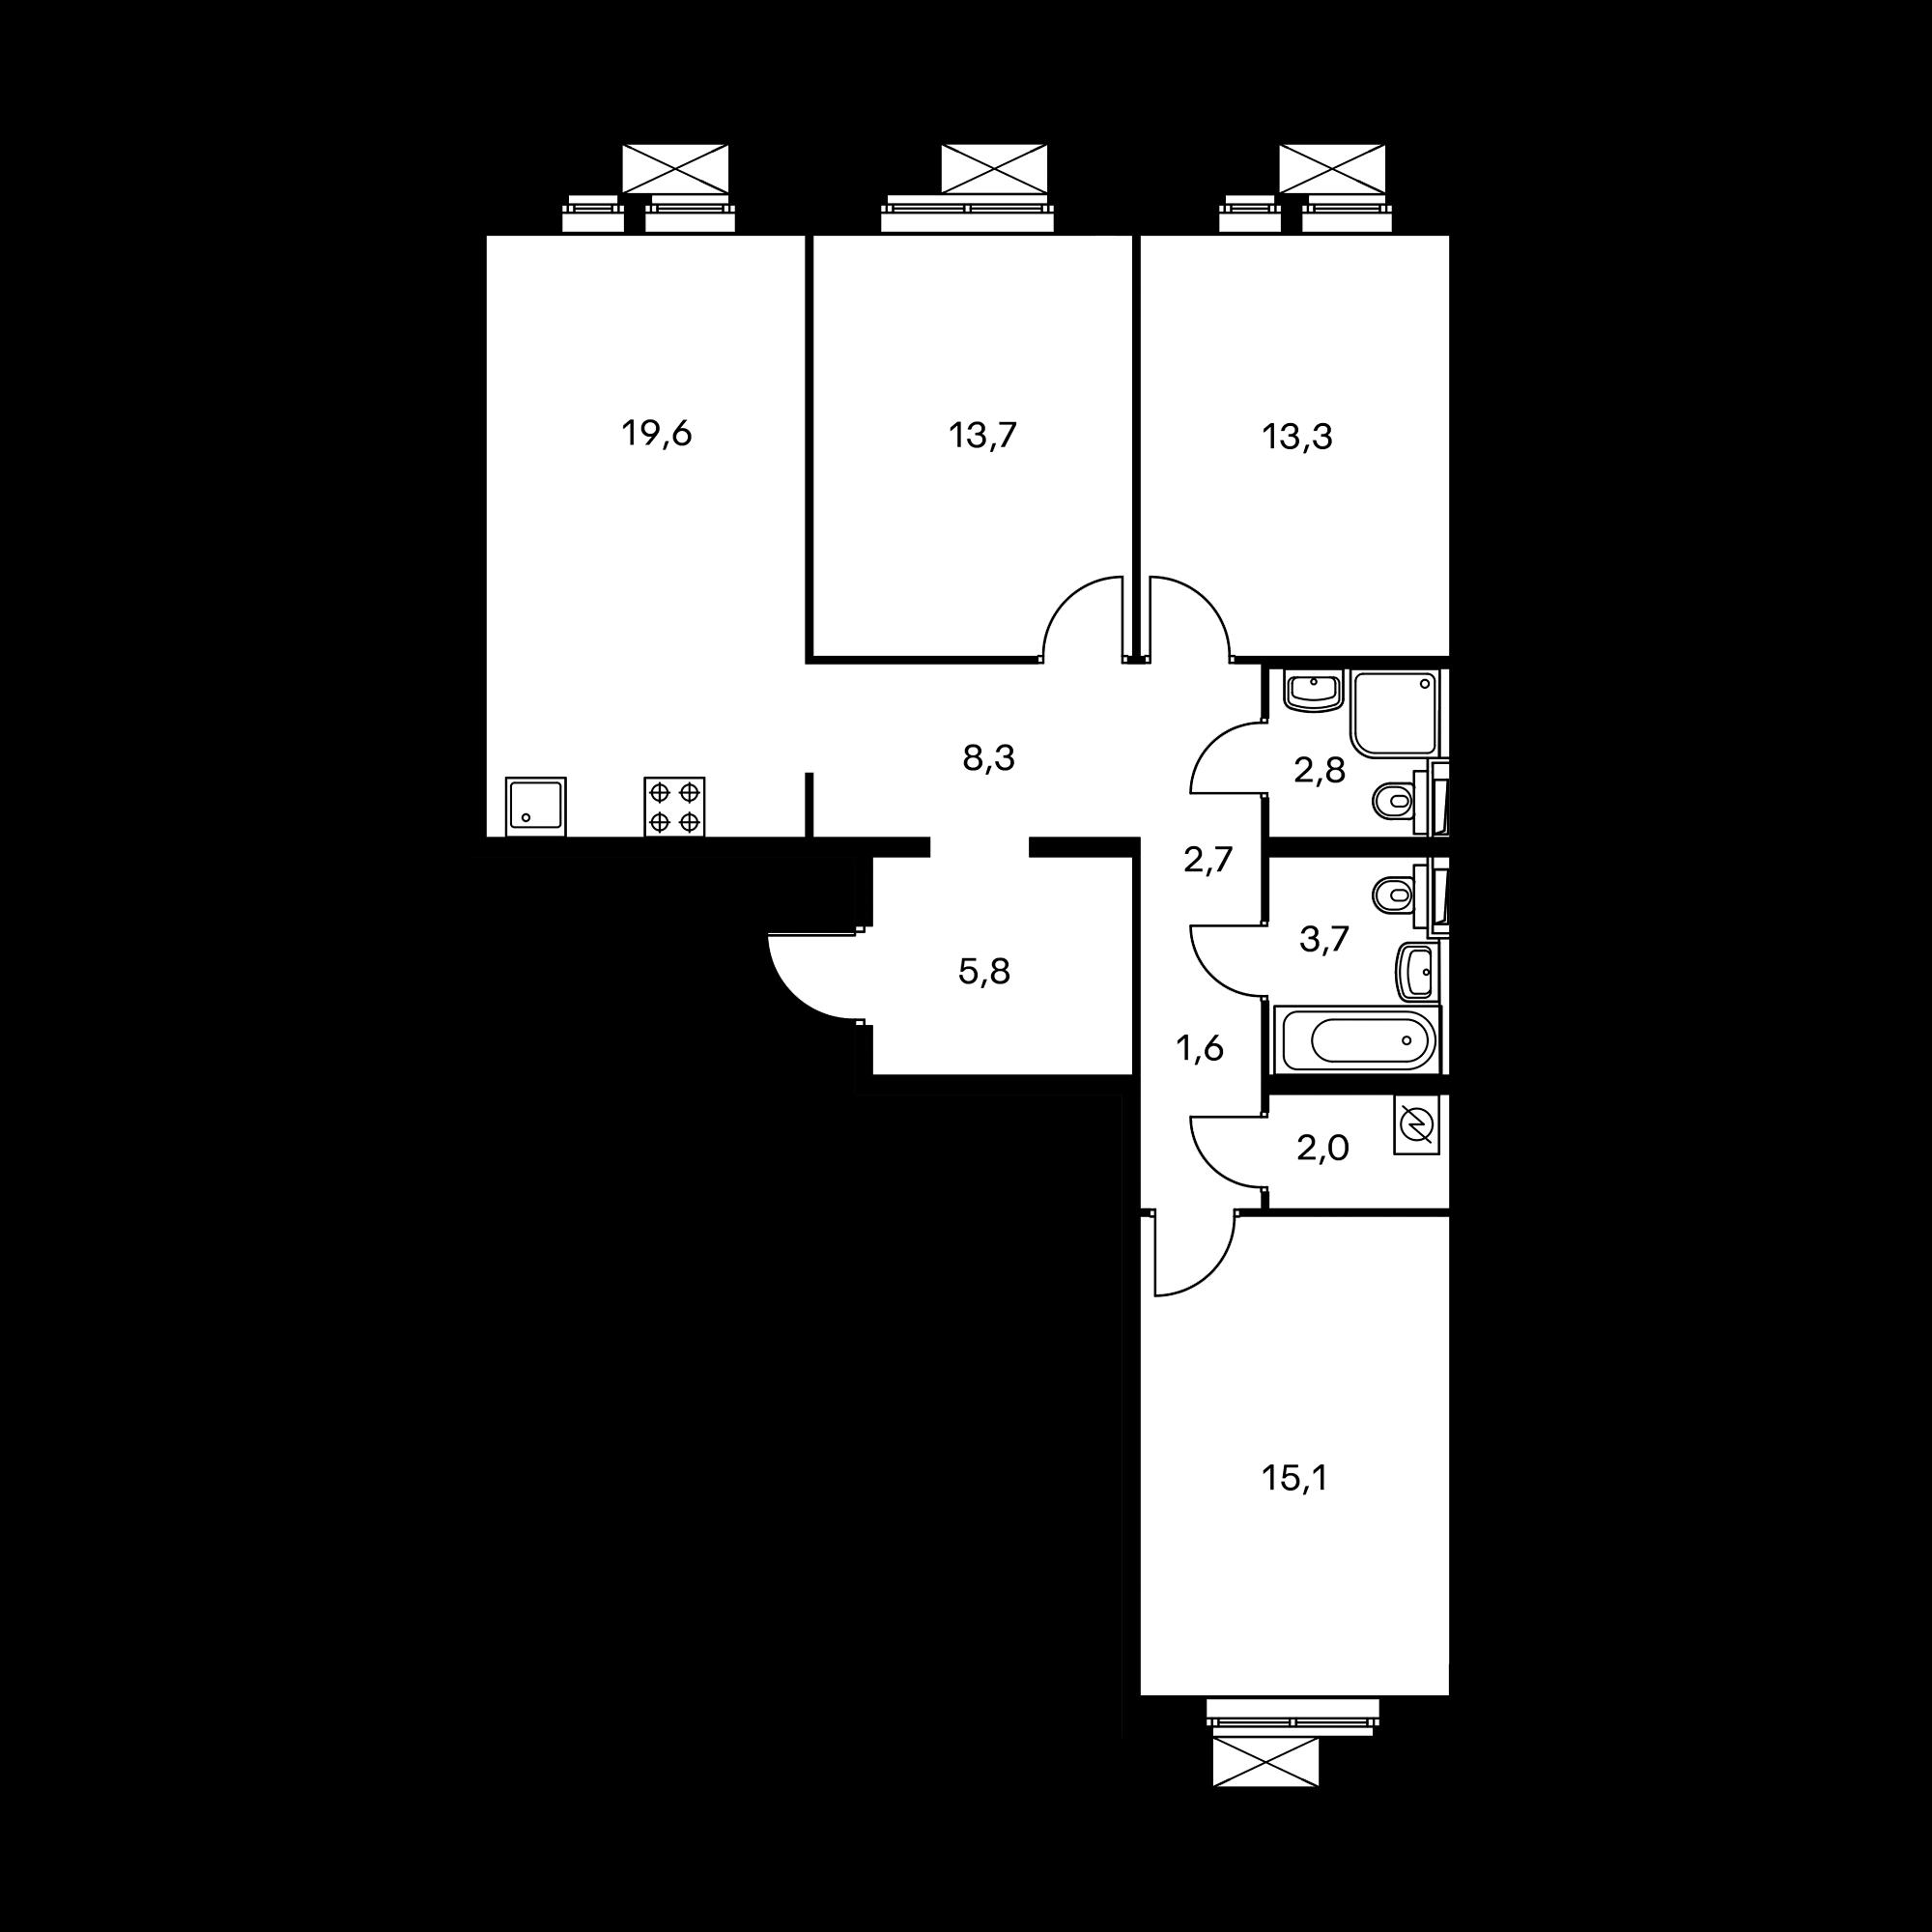 3EL3_9.9-1_S_Z2